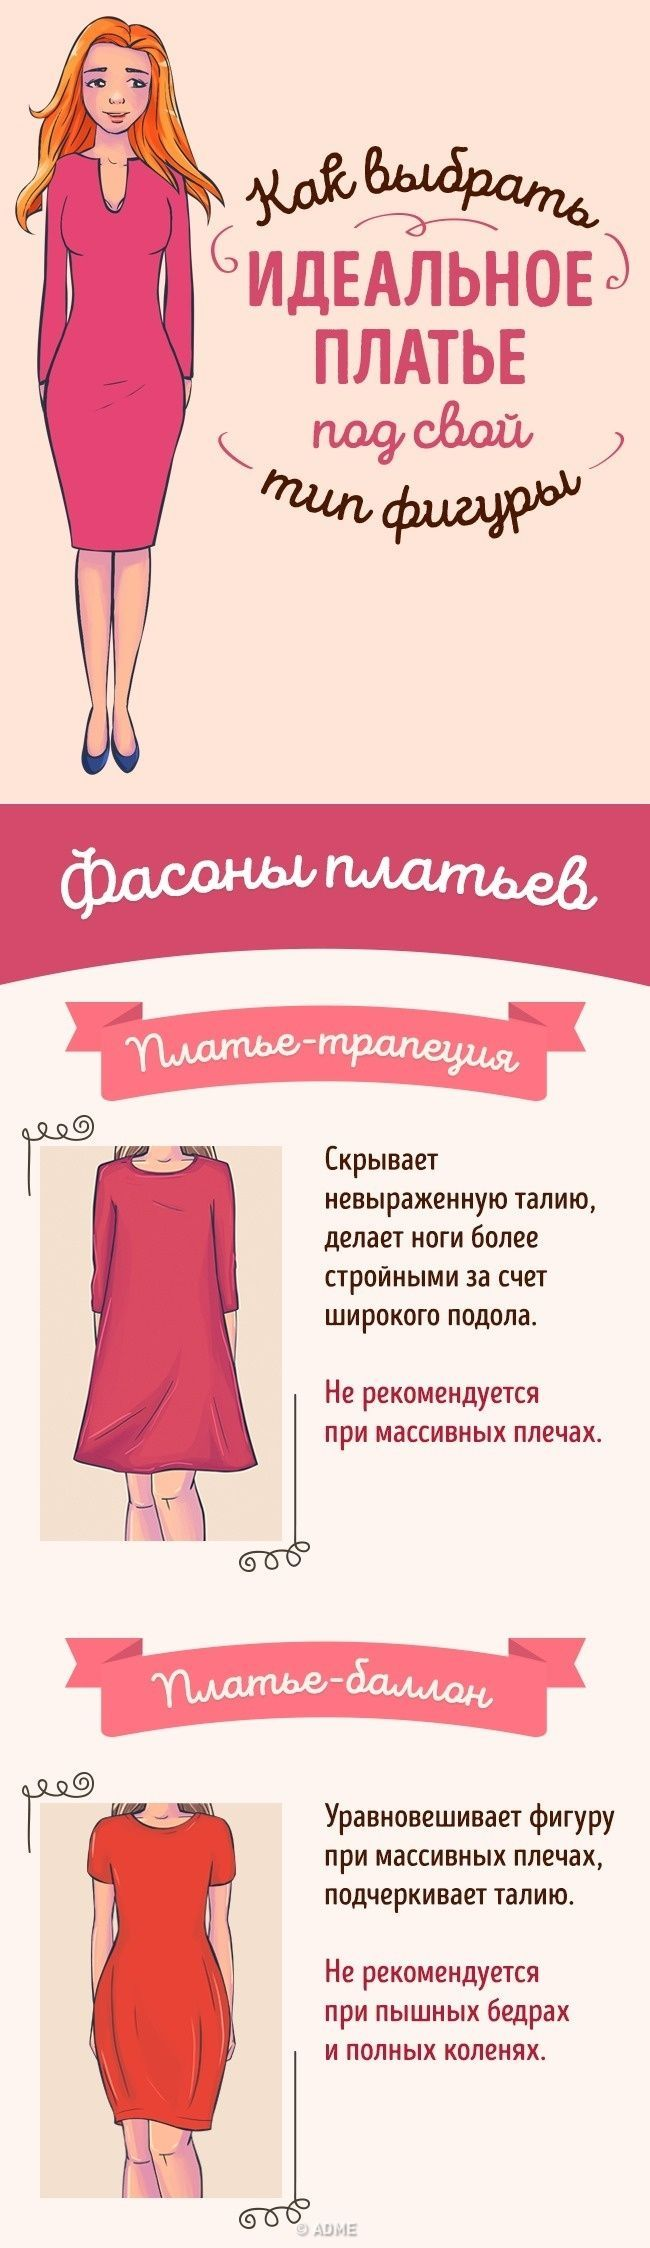 Как выбрать идеальное платье по типу фигуры